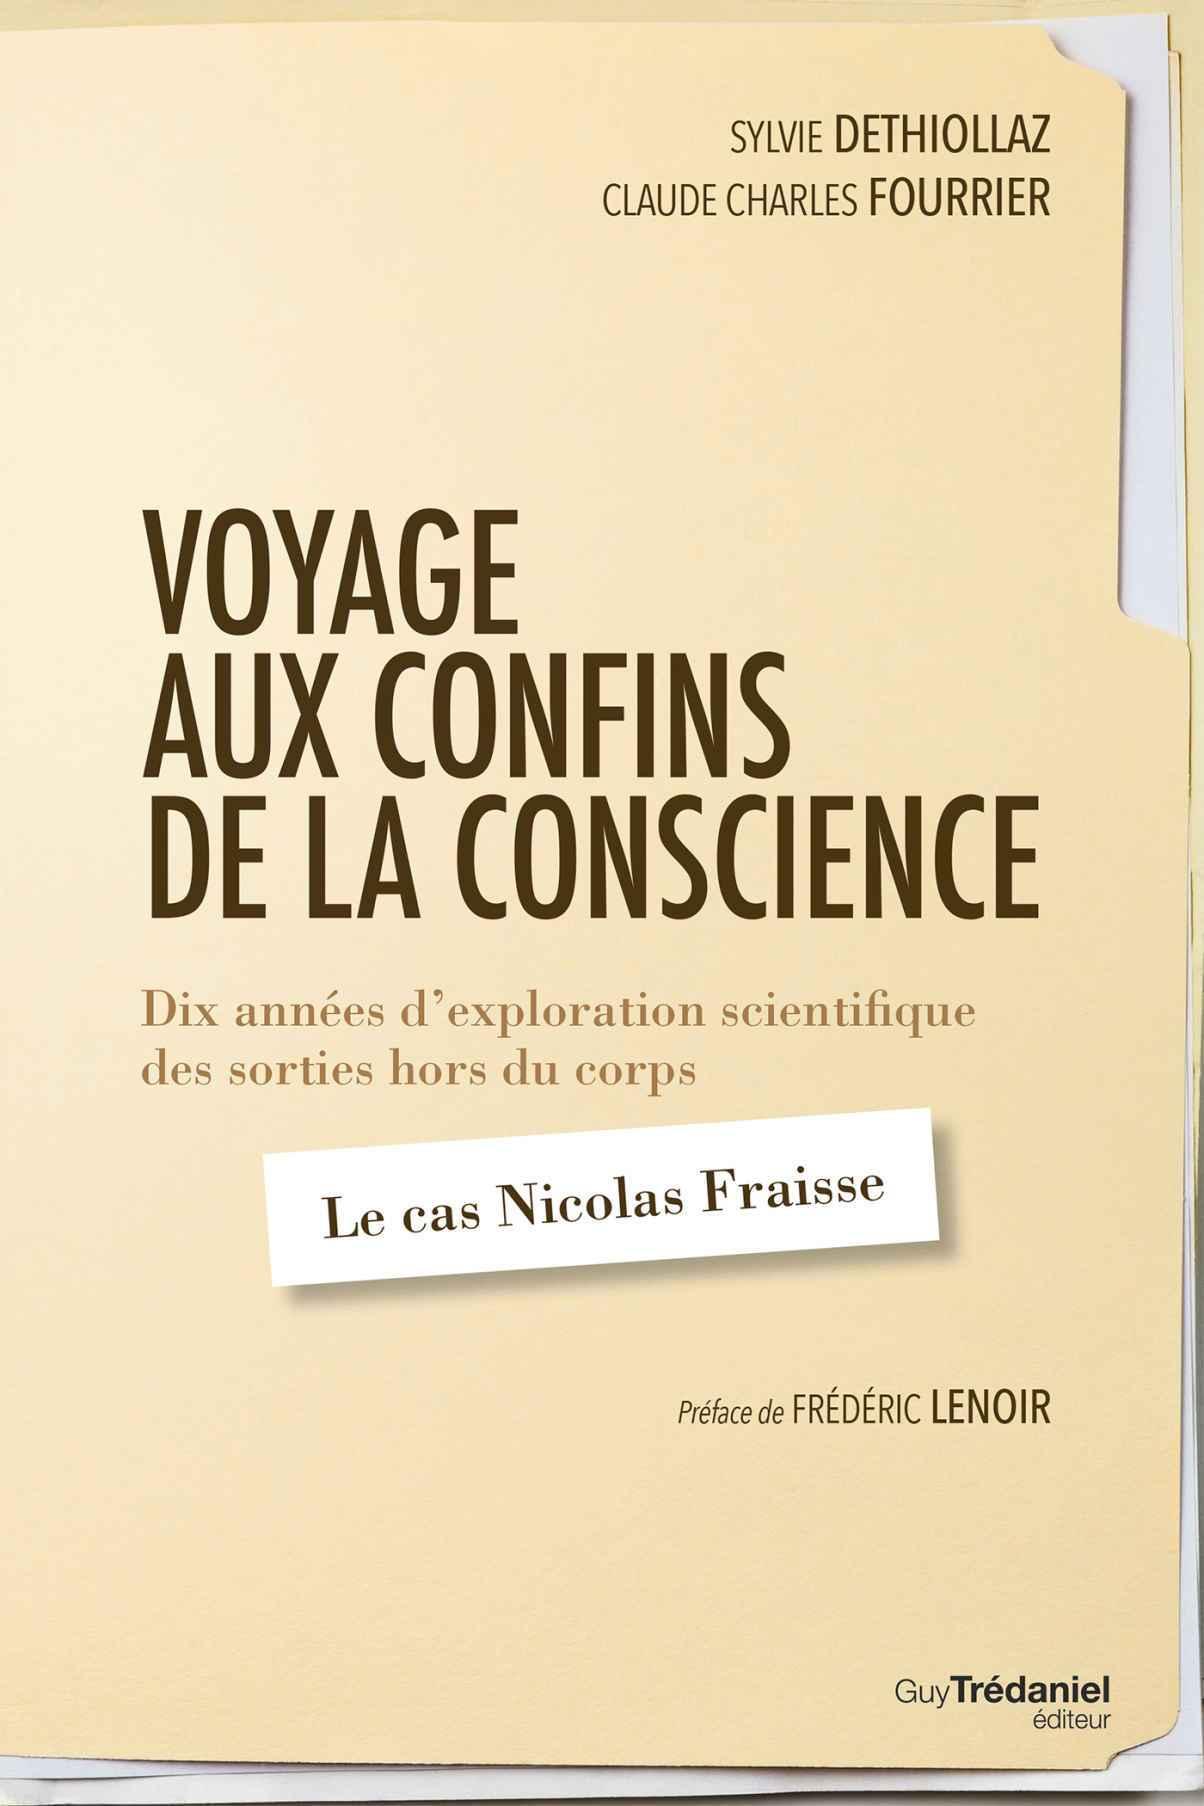 Voyage aux confins de la conscience : Dix années d'exploration scientifique des sorties hors du corps : le cas Nicolas Fraisse - Sylvie Déthiollaz & C